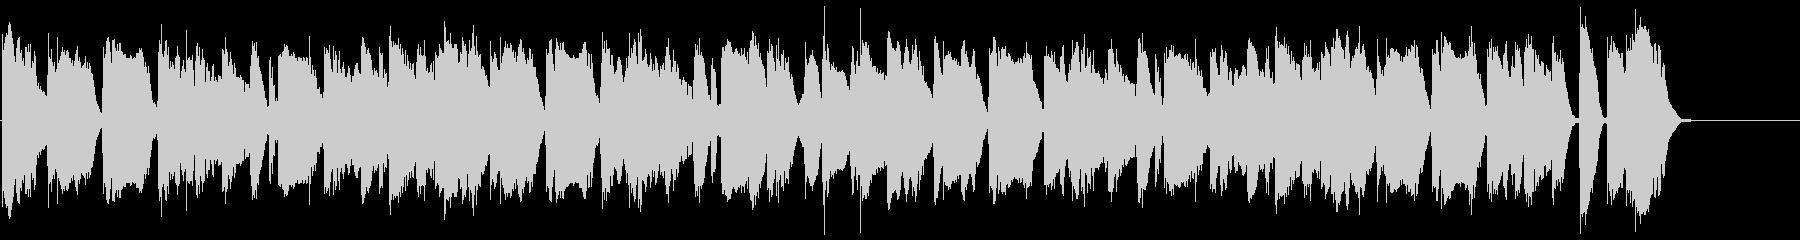 ネットCM 30秒 フルートA 日常の未再生の波形